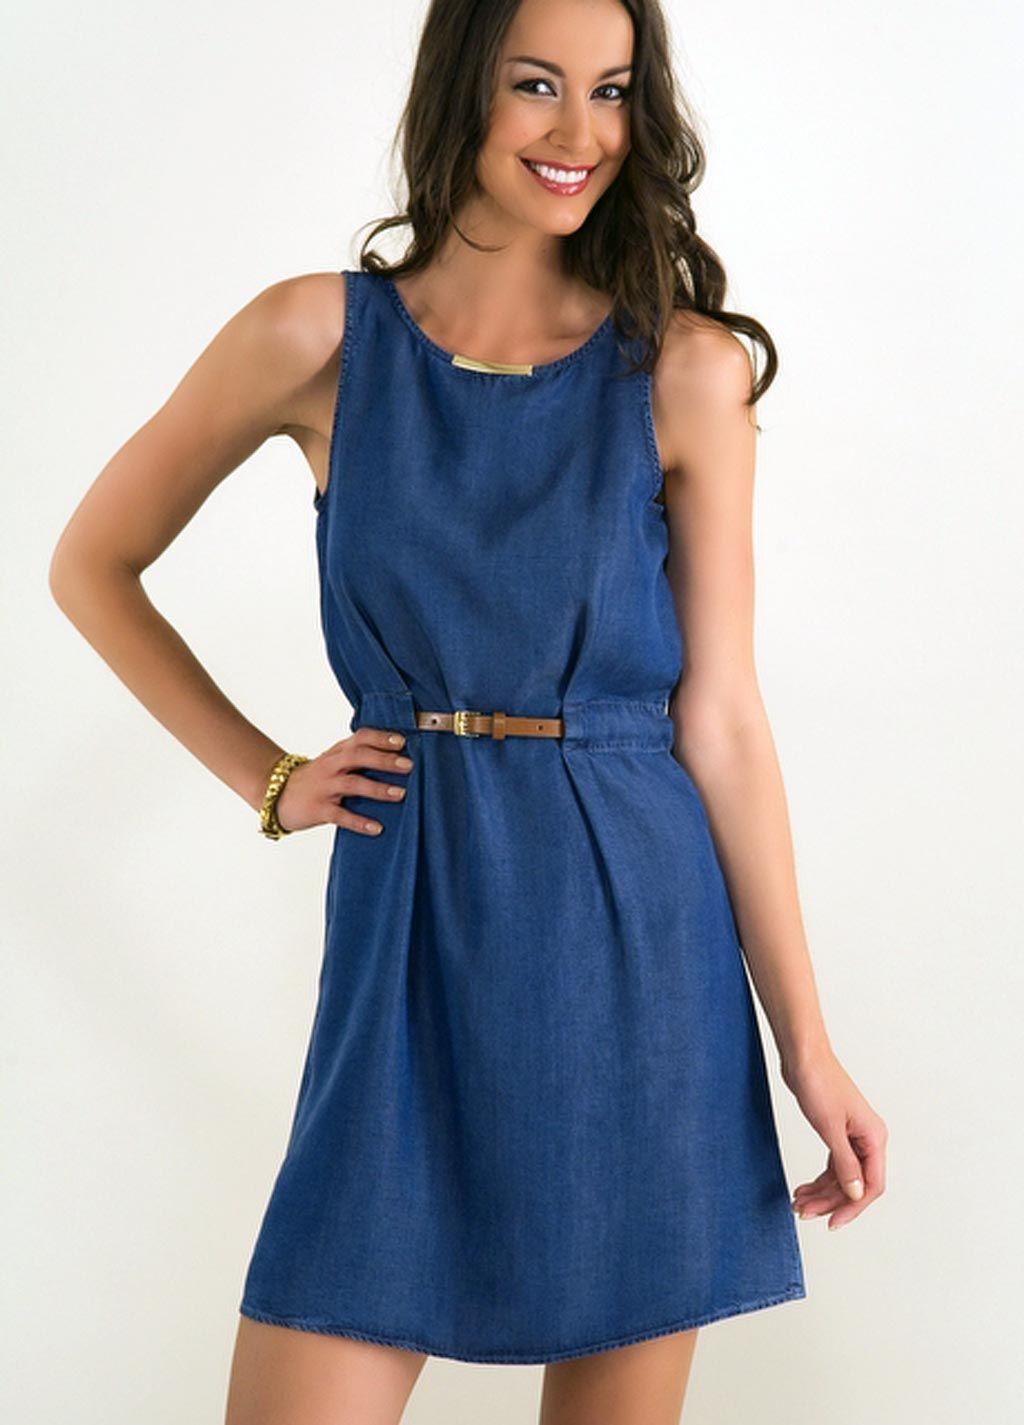 Oxxo elbise modelleri - http://www.modelleri.mobi/oxxo-elbise-modelleri/